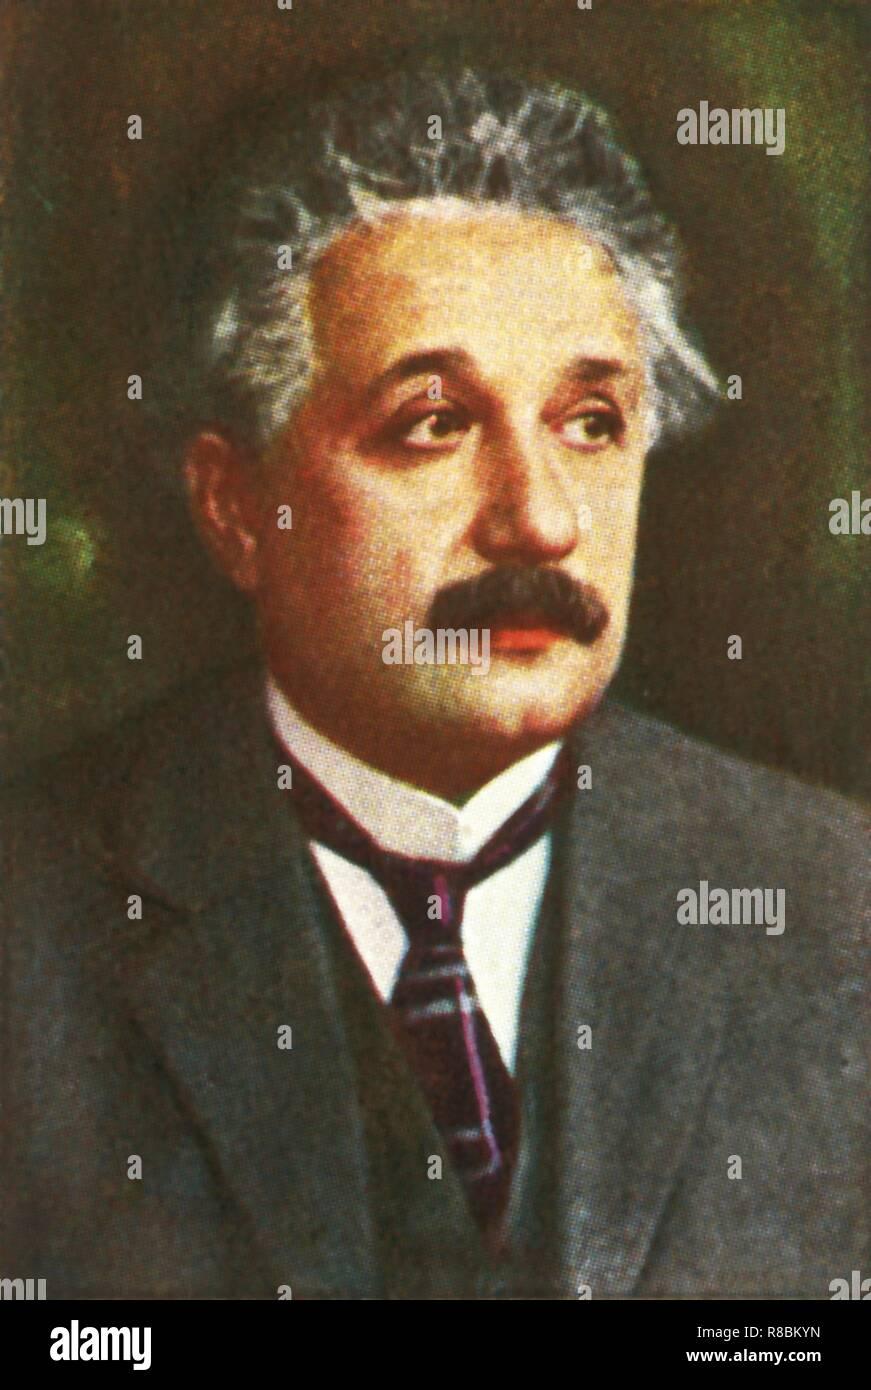 Professor Albert Einstein, c 1928. Porträt des deutschen Mathematiker und Physiker Albert Einstein (1879-1955), dessen wichtigsten Beitrag zur Wissenschaft wurde die Theorie der Relativität, von vielen als die wichtigste Theorie in der Geschichte der Physik. Seine besondere (1905) und General (1916) Theorien der Relativitätstheorie bewiesen das Konzept, das die Zeit nicht mit der gleichen Rate für alle und alles vorhanden. Die spezielle Relativitätstheorie produziert die Gleichung, die die Gleichwertigkeit zwischen Materie und Energie zum Ausdruck bringt: E = mc im Quadrat. 1921 erhielt Einstein den Nobelpreis für Physik. Seine jüdische Herkunft bedeutete, dass er Stockbild